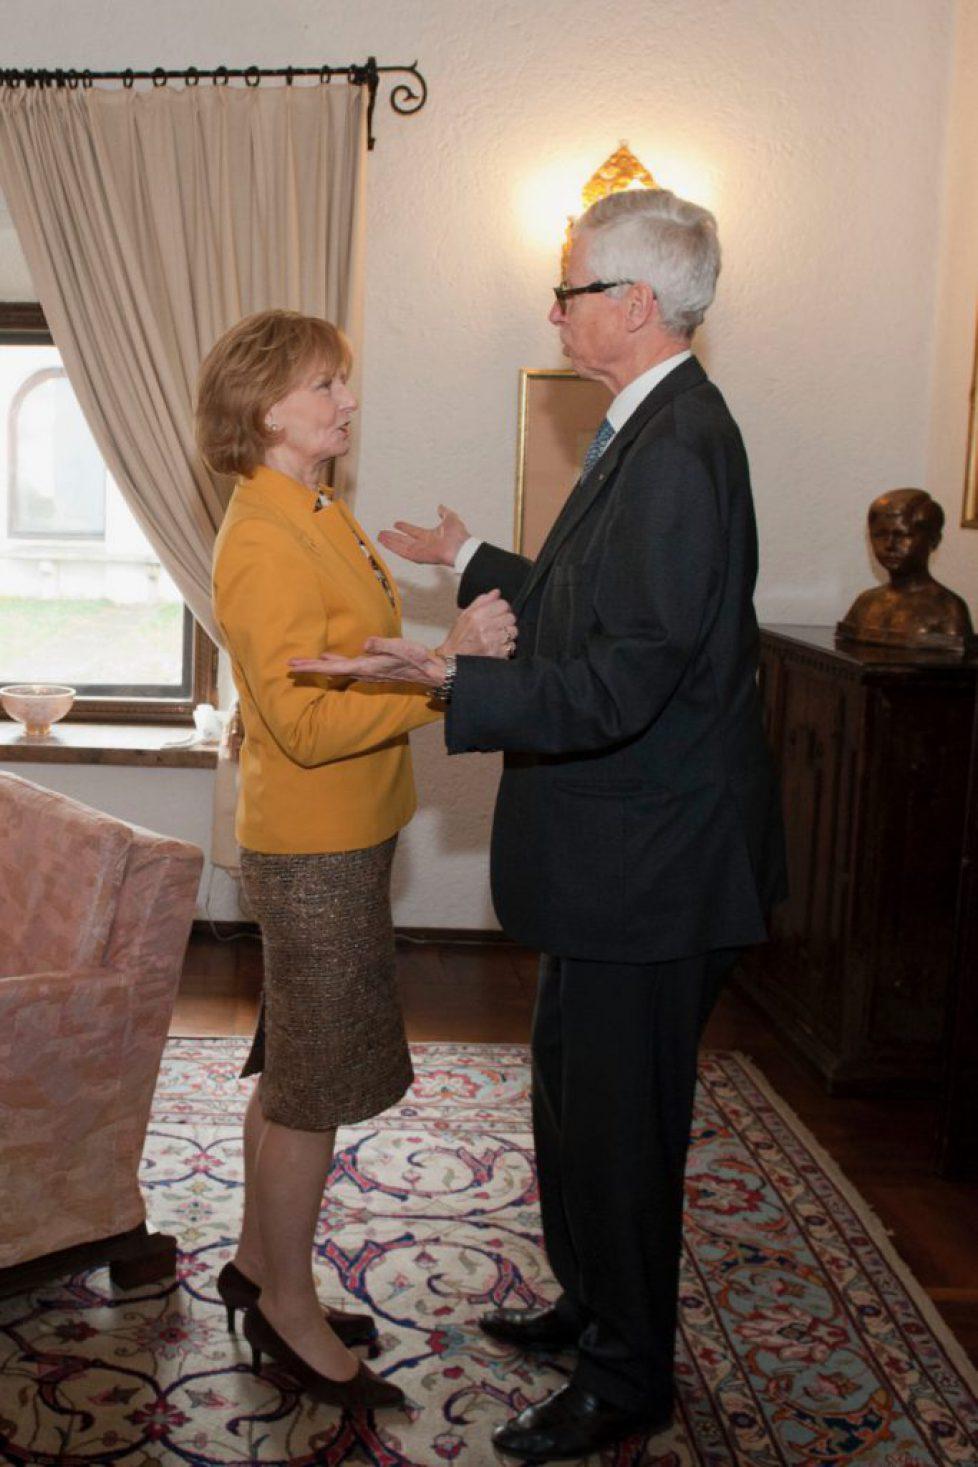 Majestatea-Sa-Margareta-Custodele-Coroanei-Principele-Radu-Principele-Nikolaus-de-Liechtenstein-Palatul-Elisabeta-3-martie-2020-©Daniel-Angelescu-C